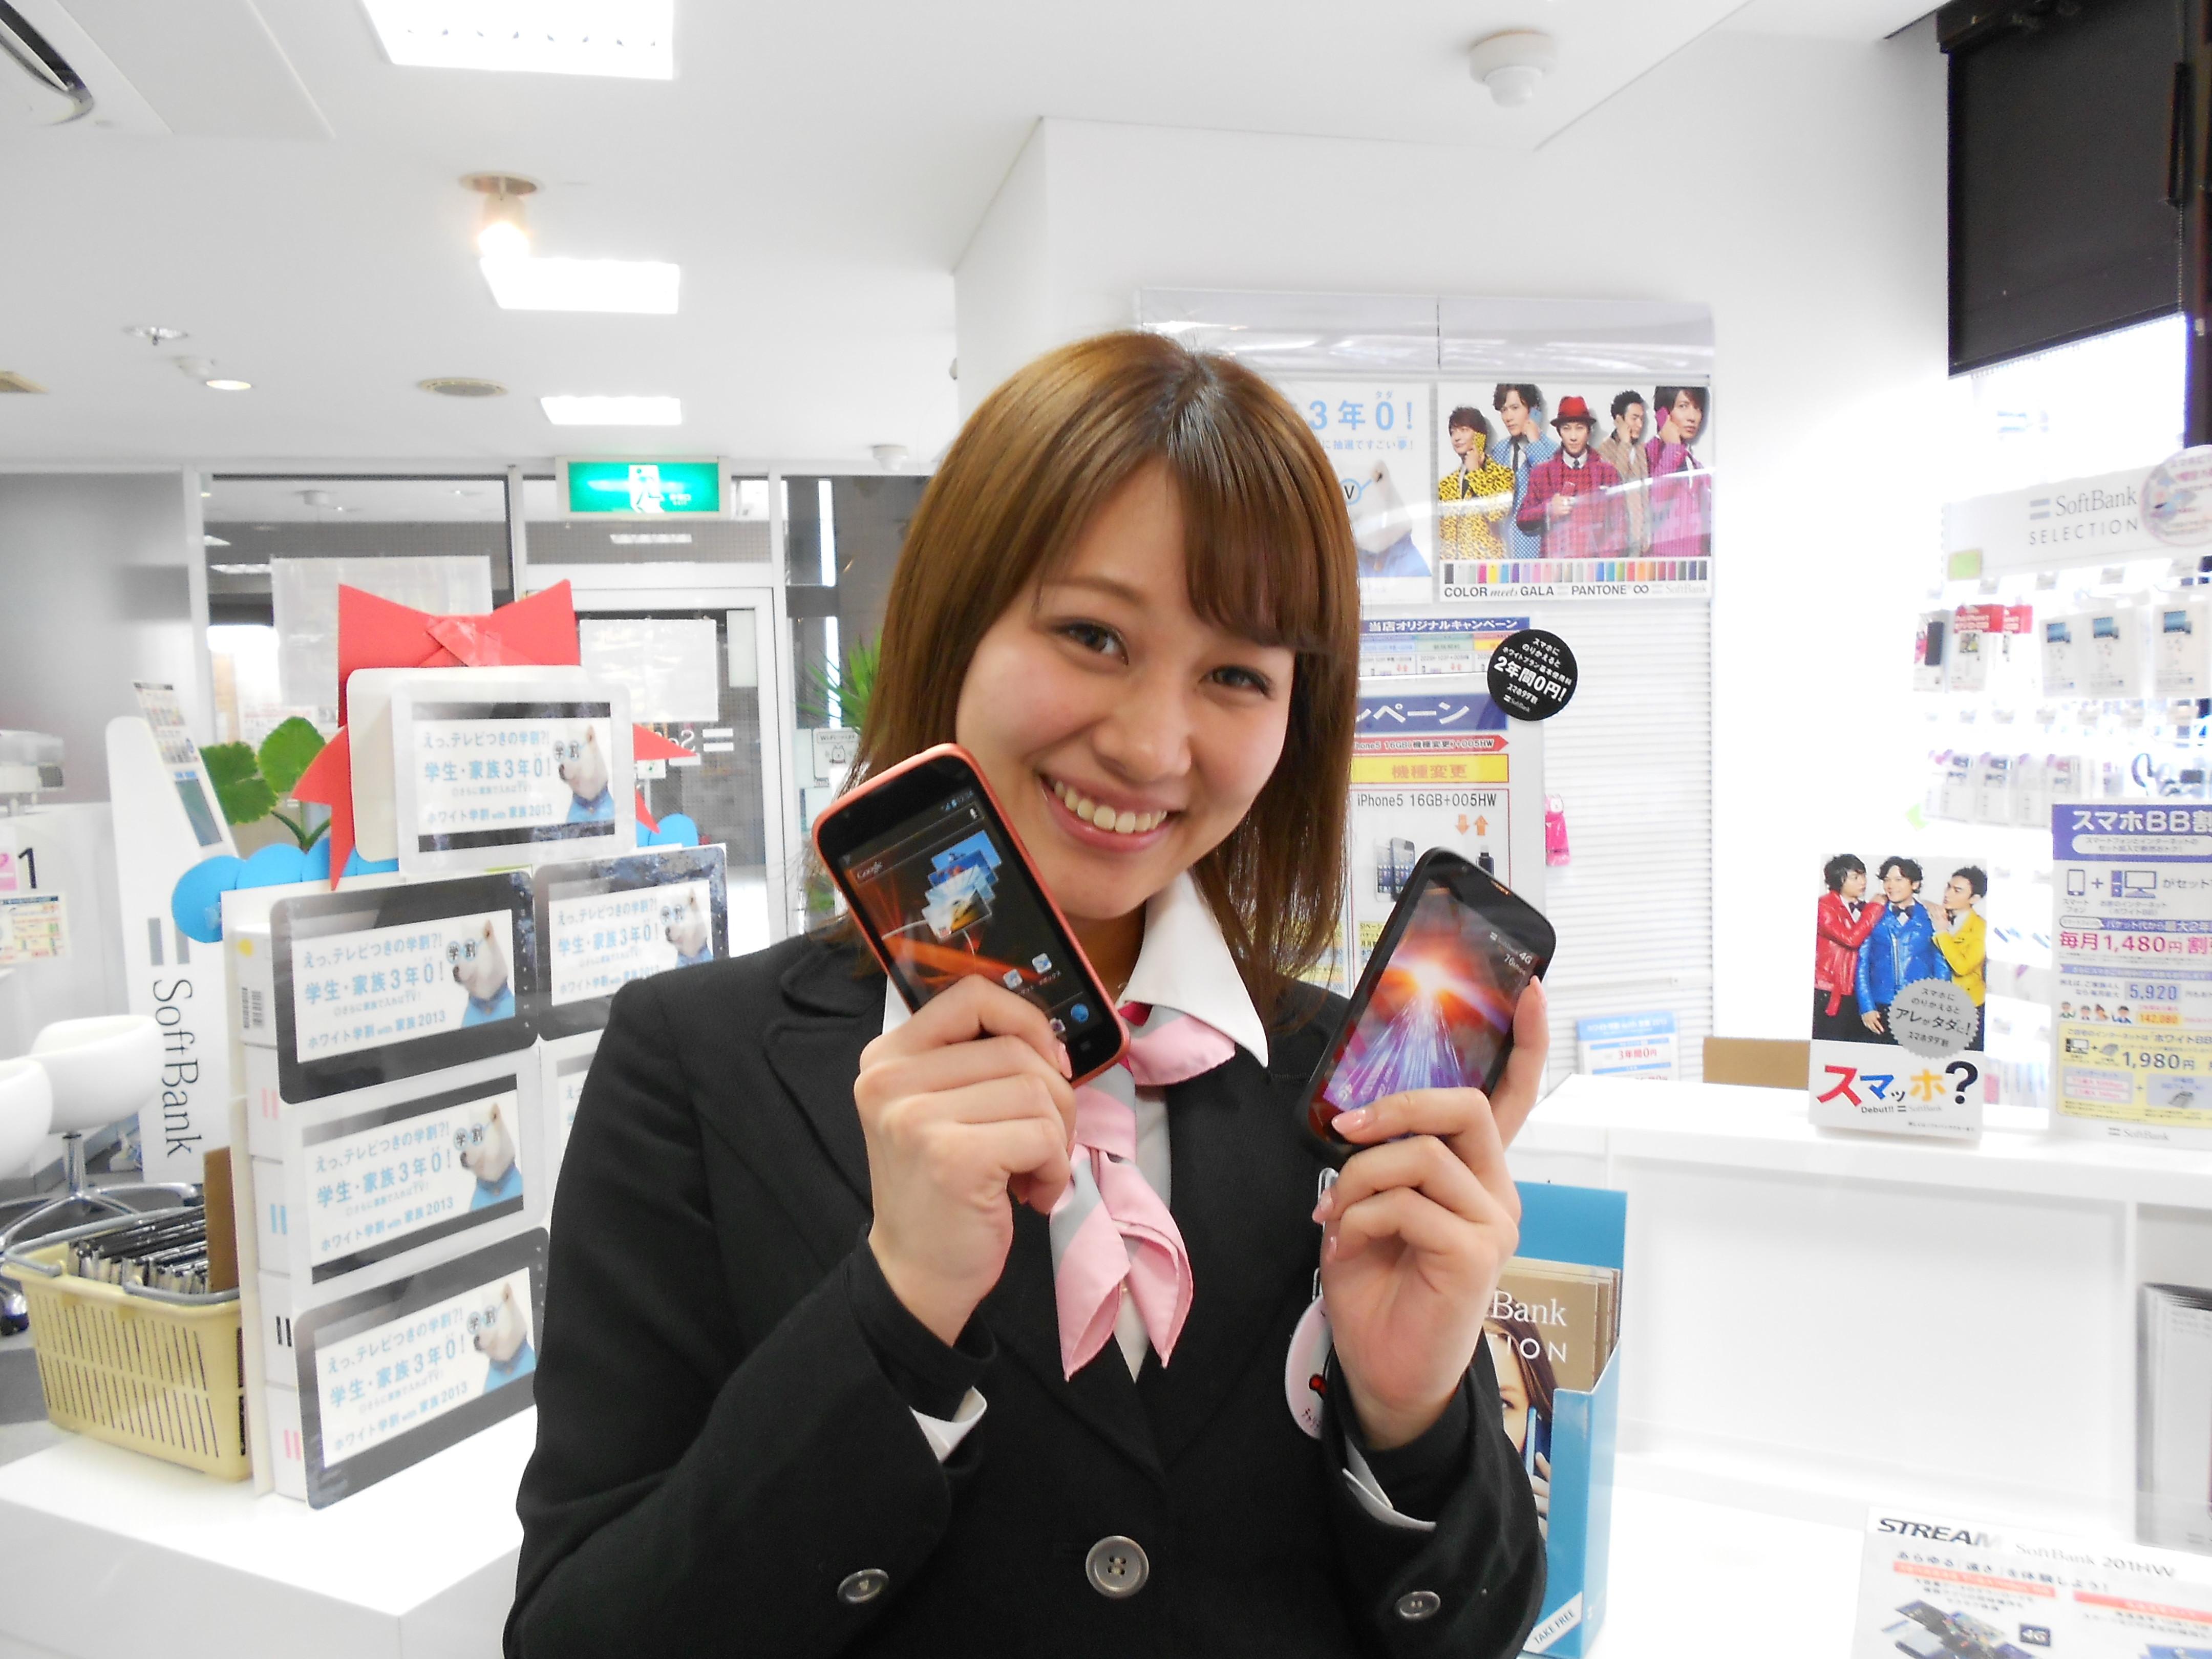 ワイモバイル 春日部(株式会社シエロ)のアルバイト情報